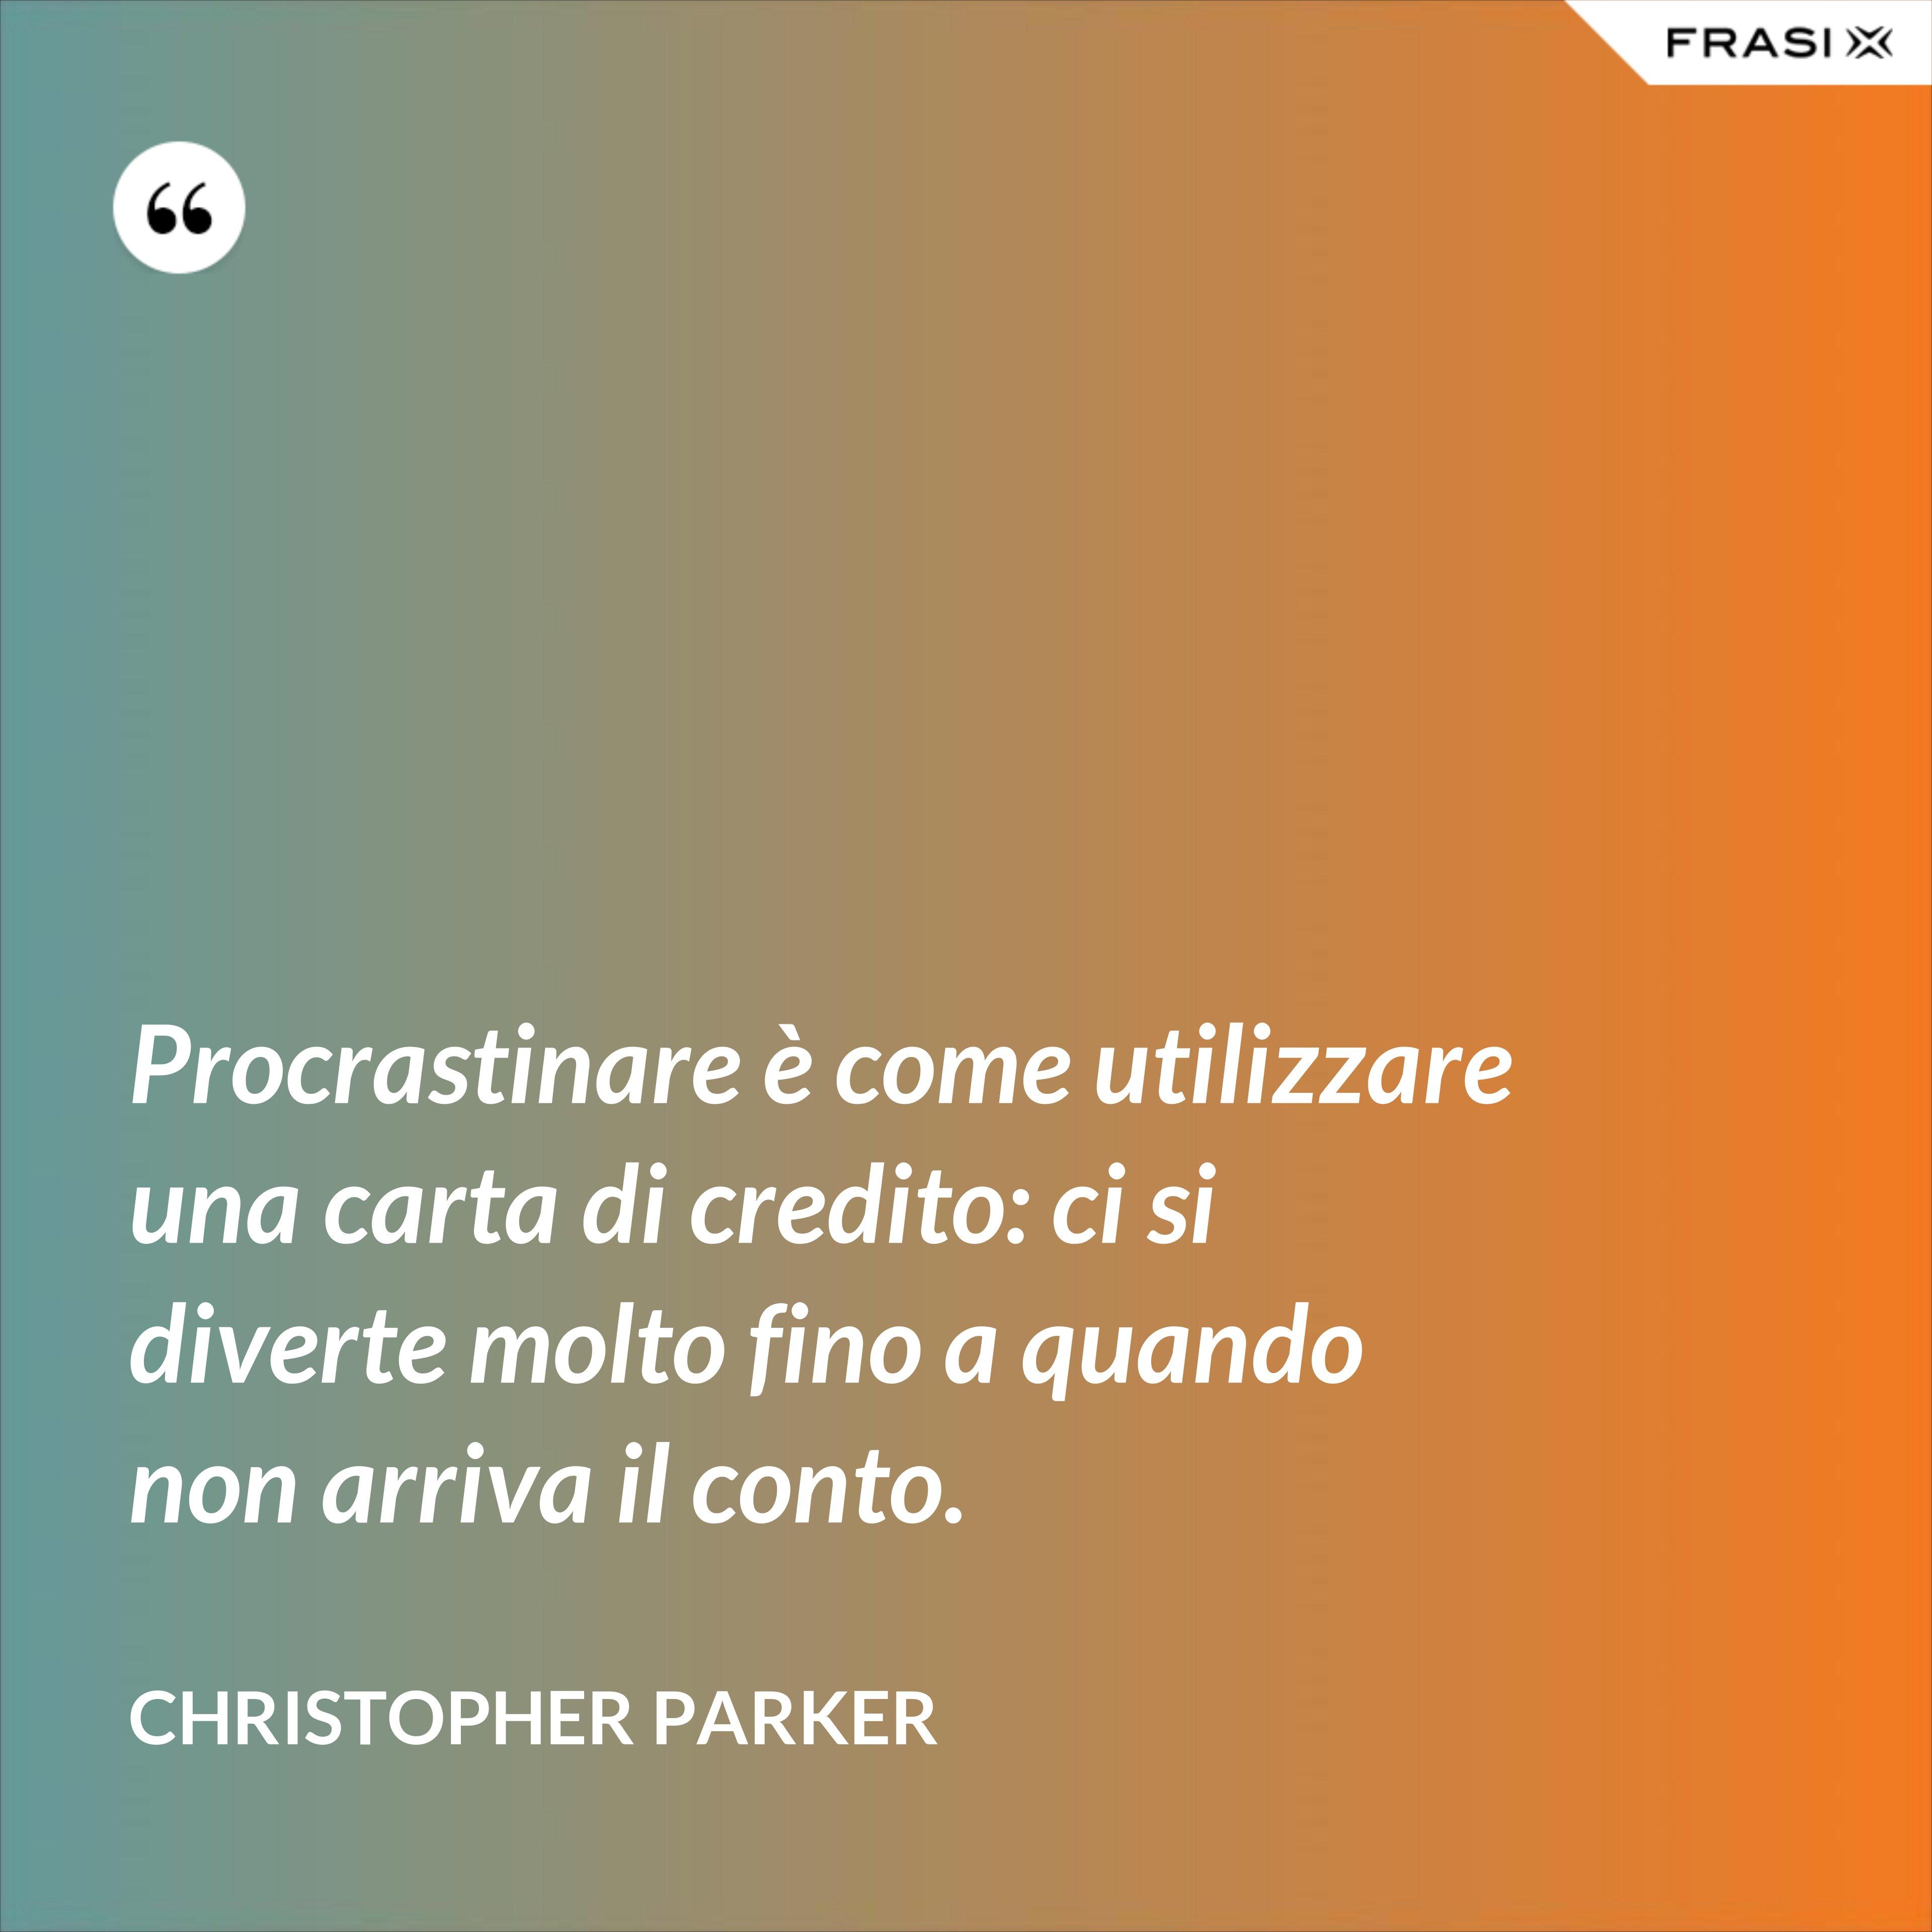 Procrastinare è come utilizzare una carta di credito: ci si diverte molto fino a quando non arriva il conto. - Christopher Parker